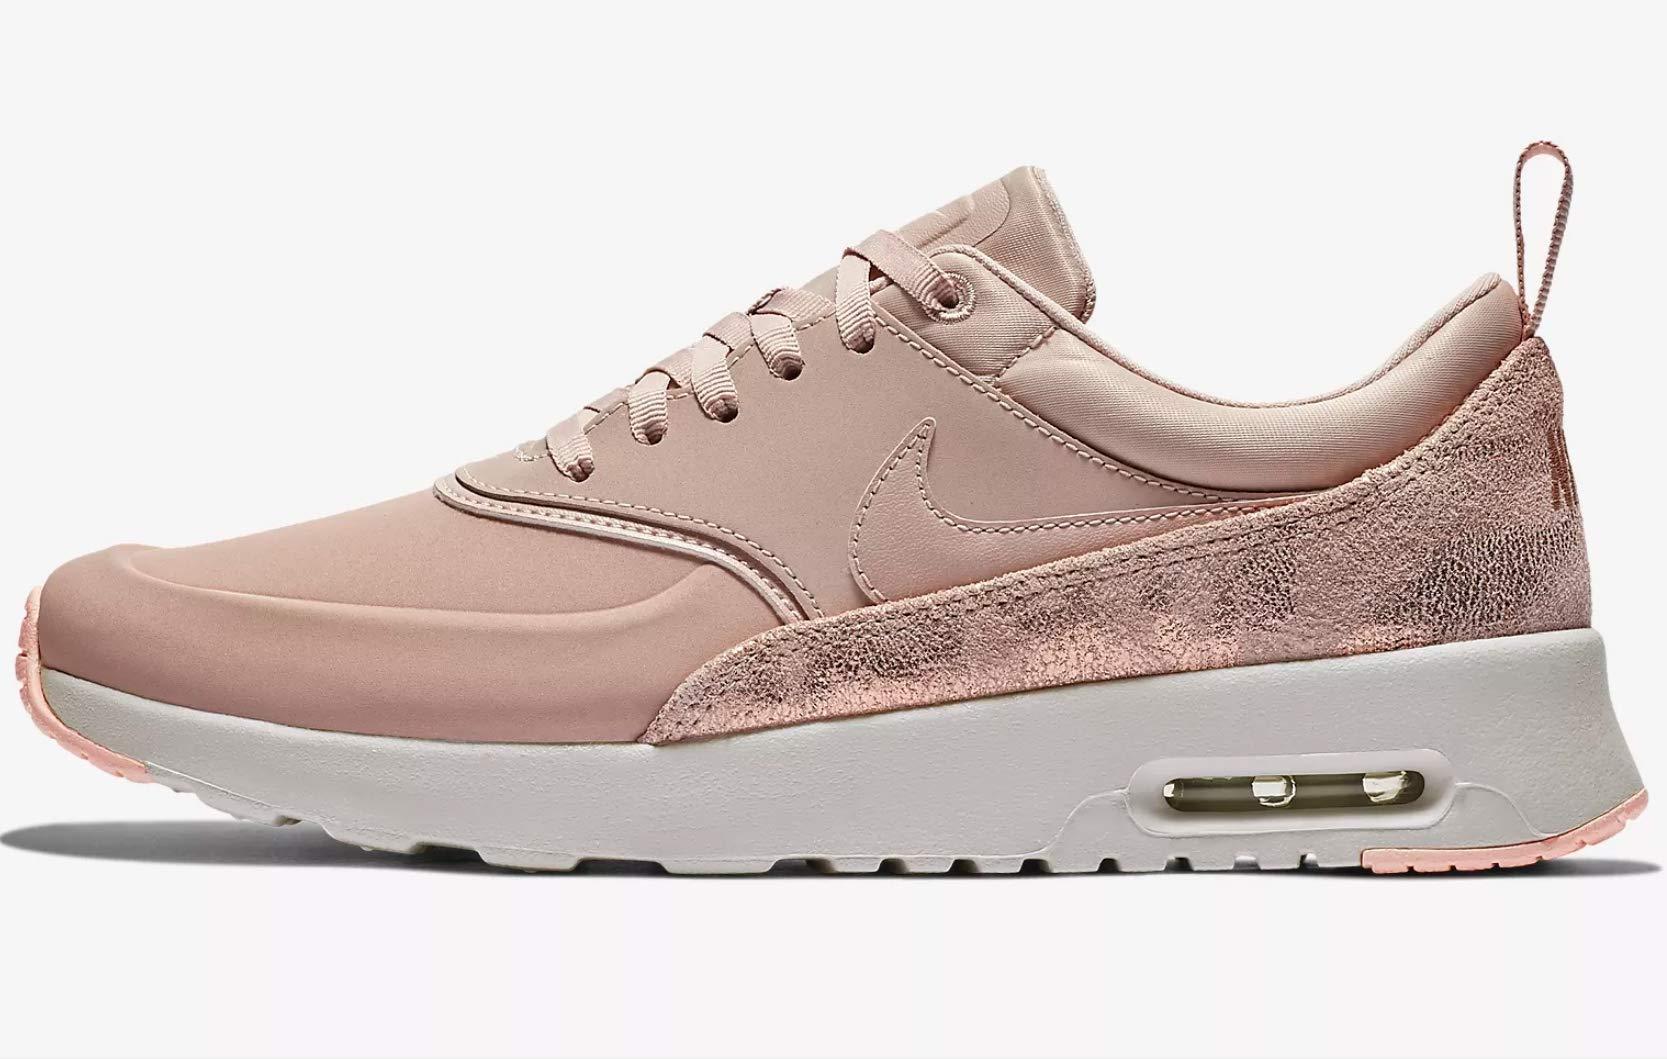 Nike Womens Air Max Thea PRM Womens 616723 206 Size 5